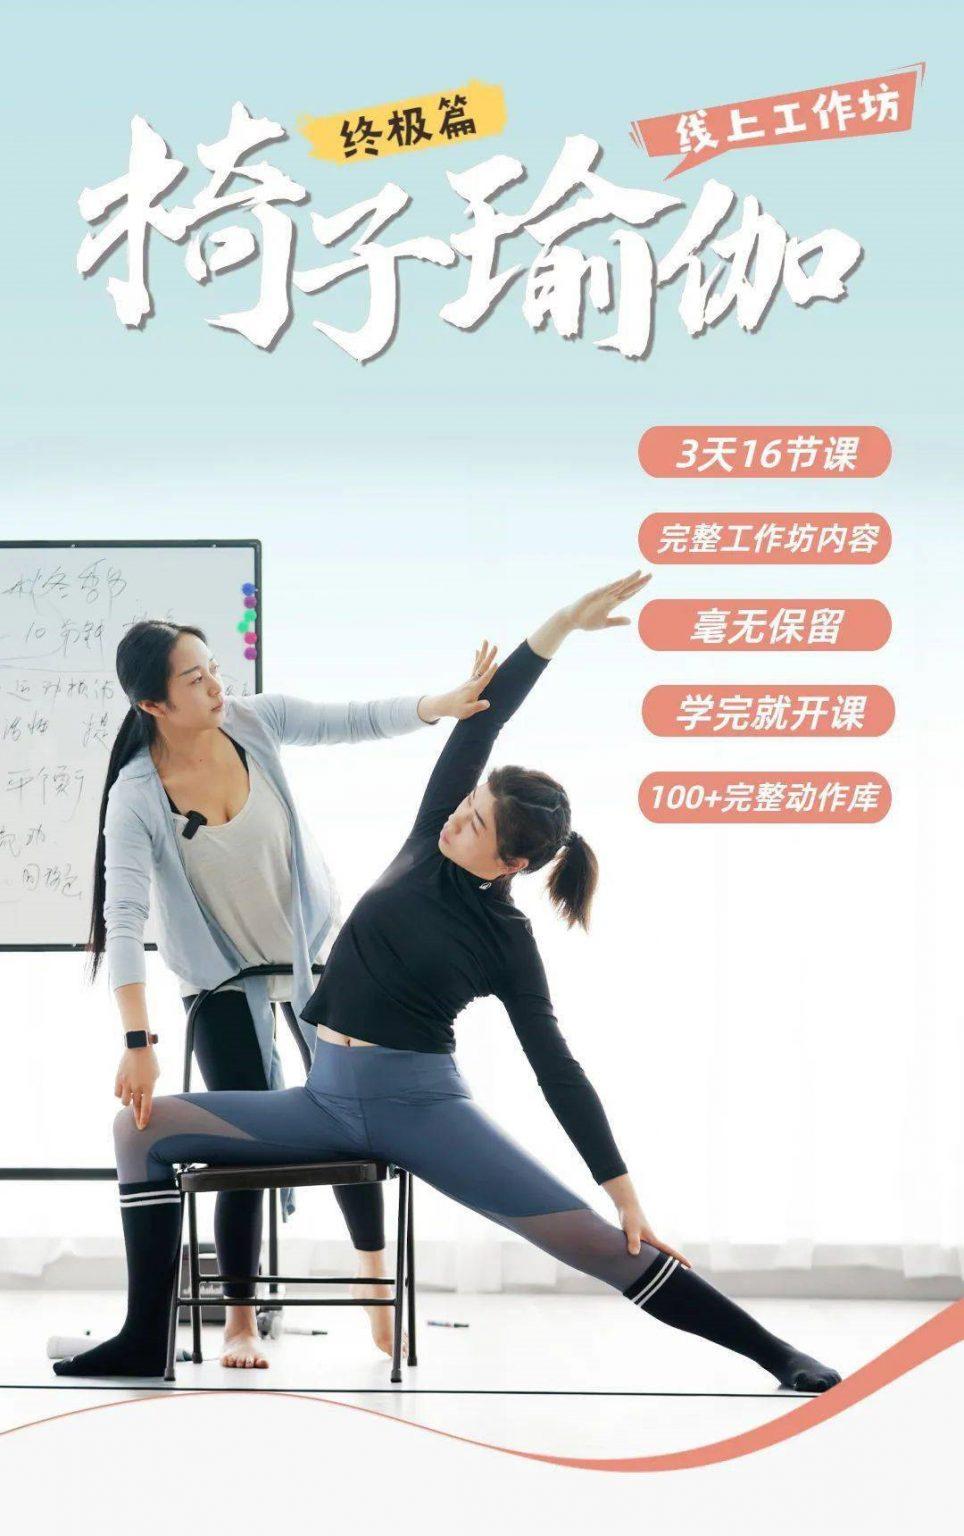 赞赞 椅子瑜伽线上工作坊终极篇16课时.jpg